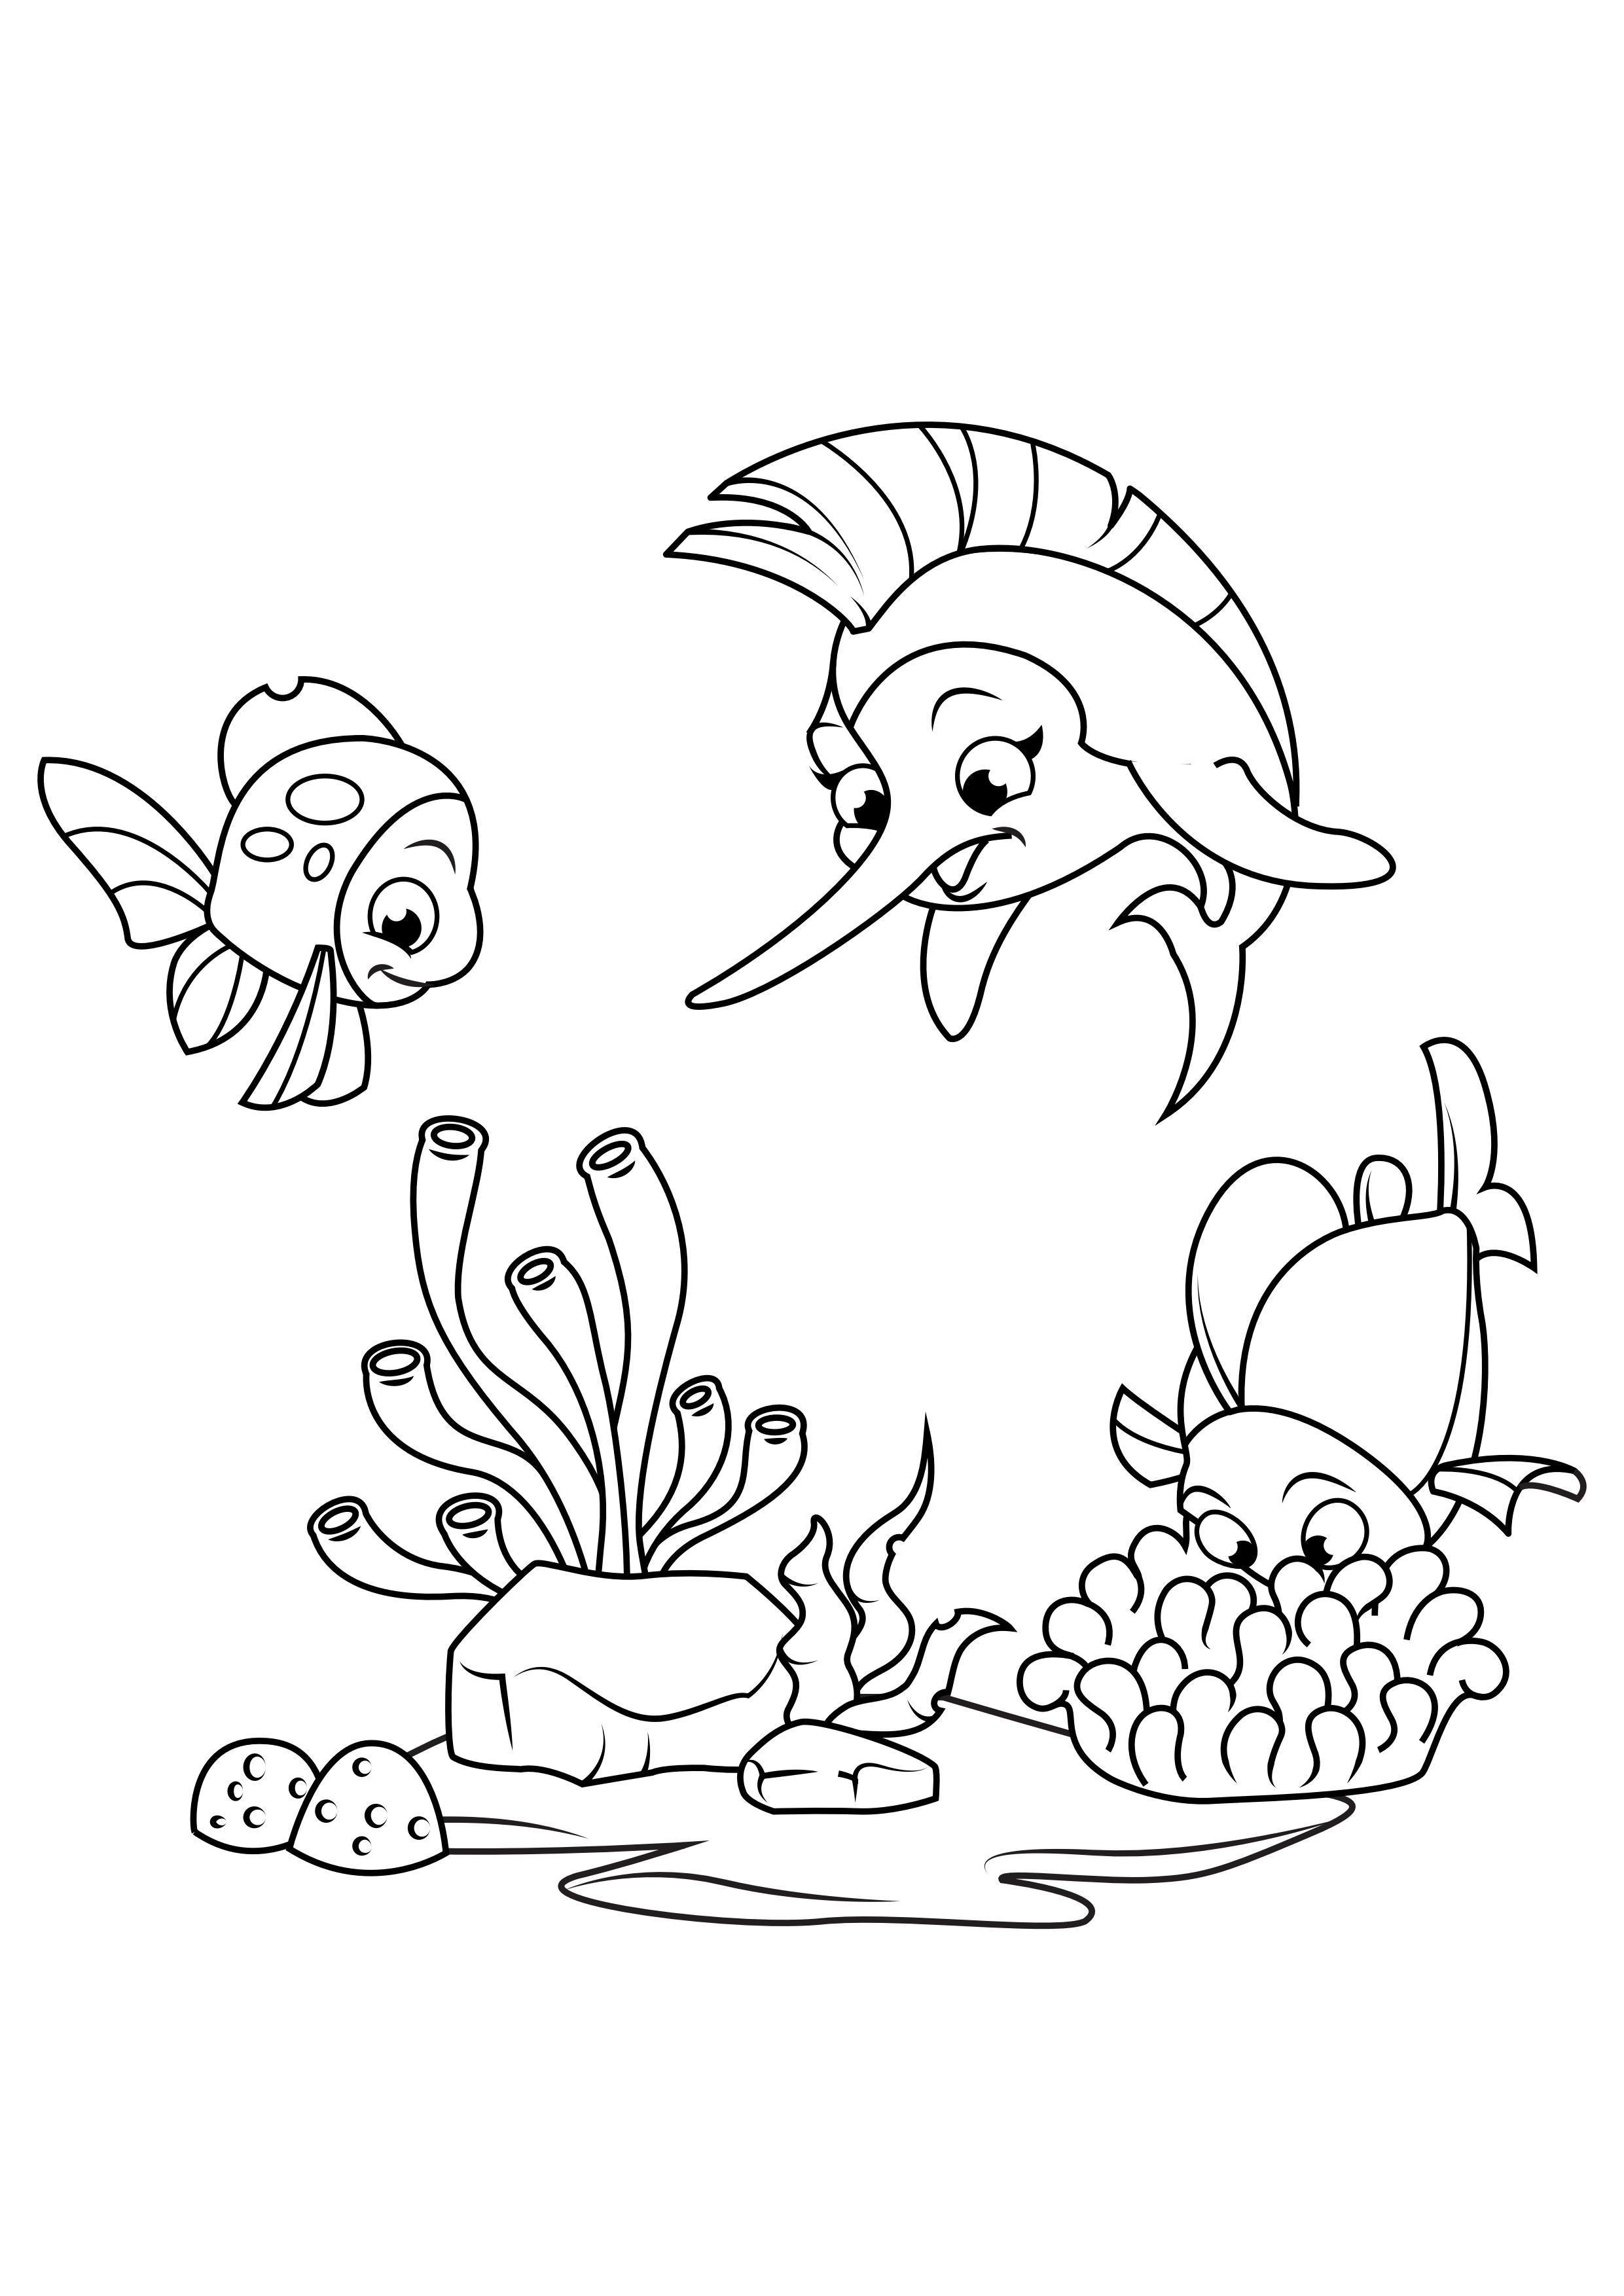 malvorlage schwertfisch spielt mit fisch  kostenlose